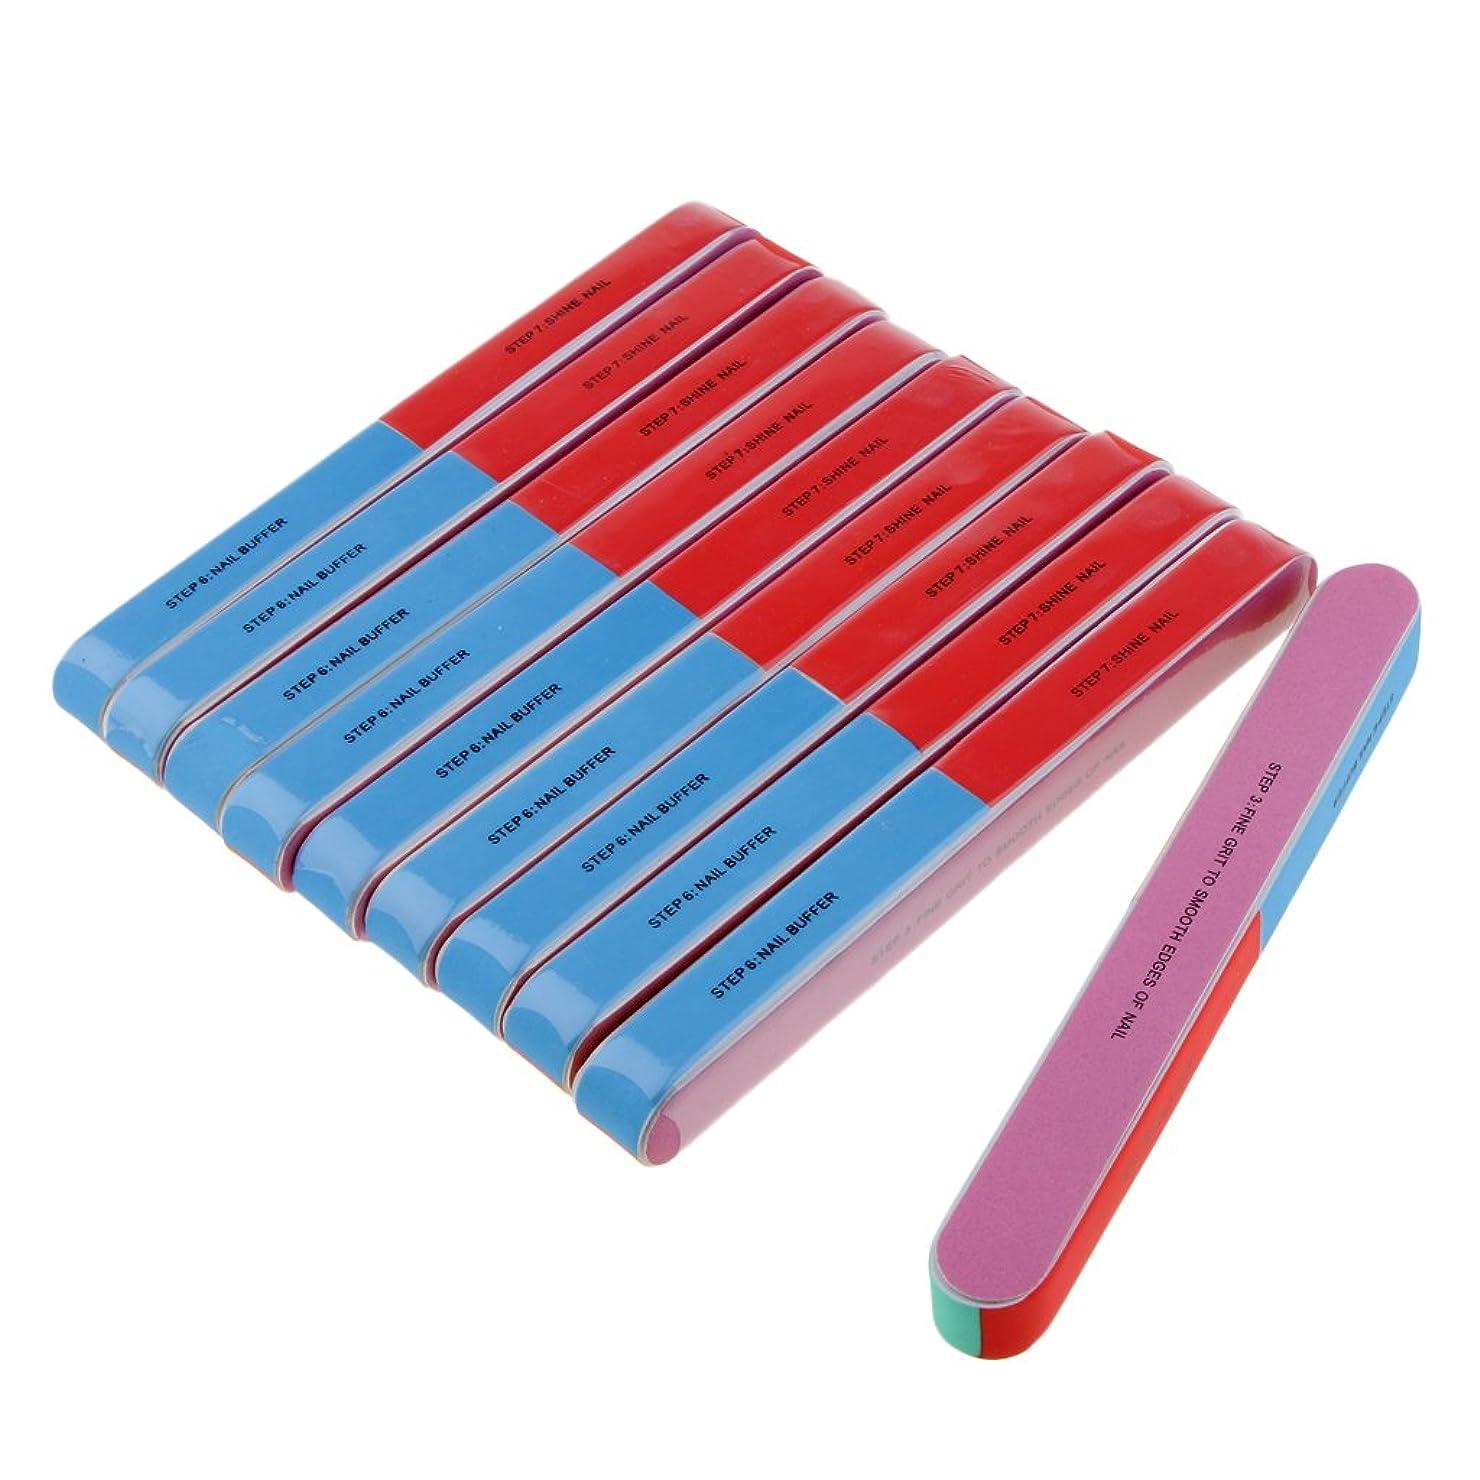 かまど継承転送Baosity ネイルファイル ネイルケア 爪やすり スポンジ ネイルサロン 自宅用 プロ 爪磨き 10本